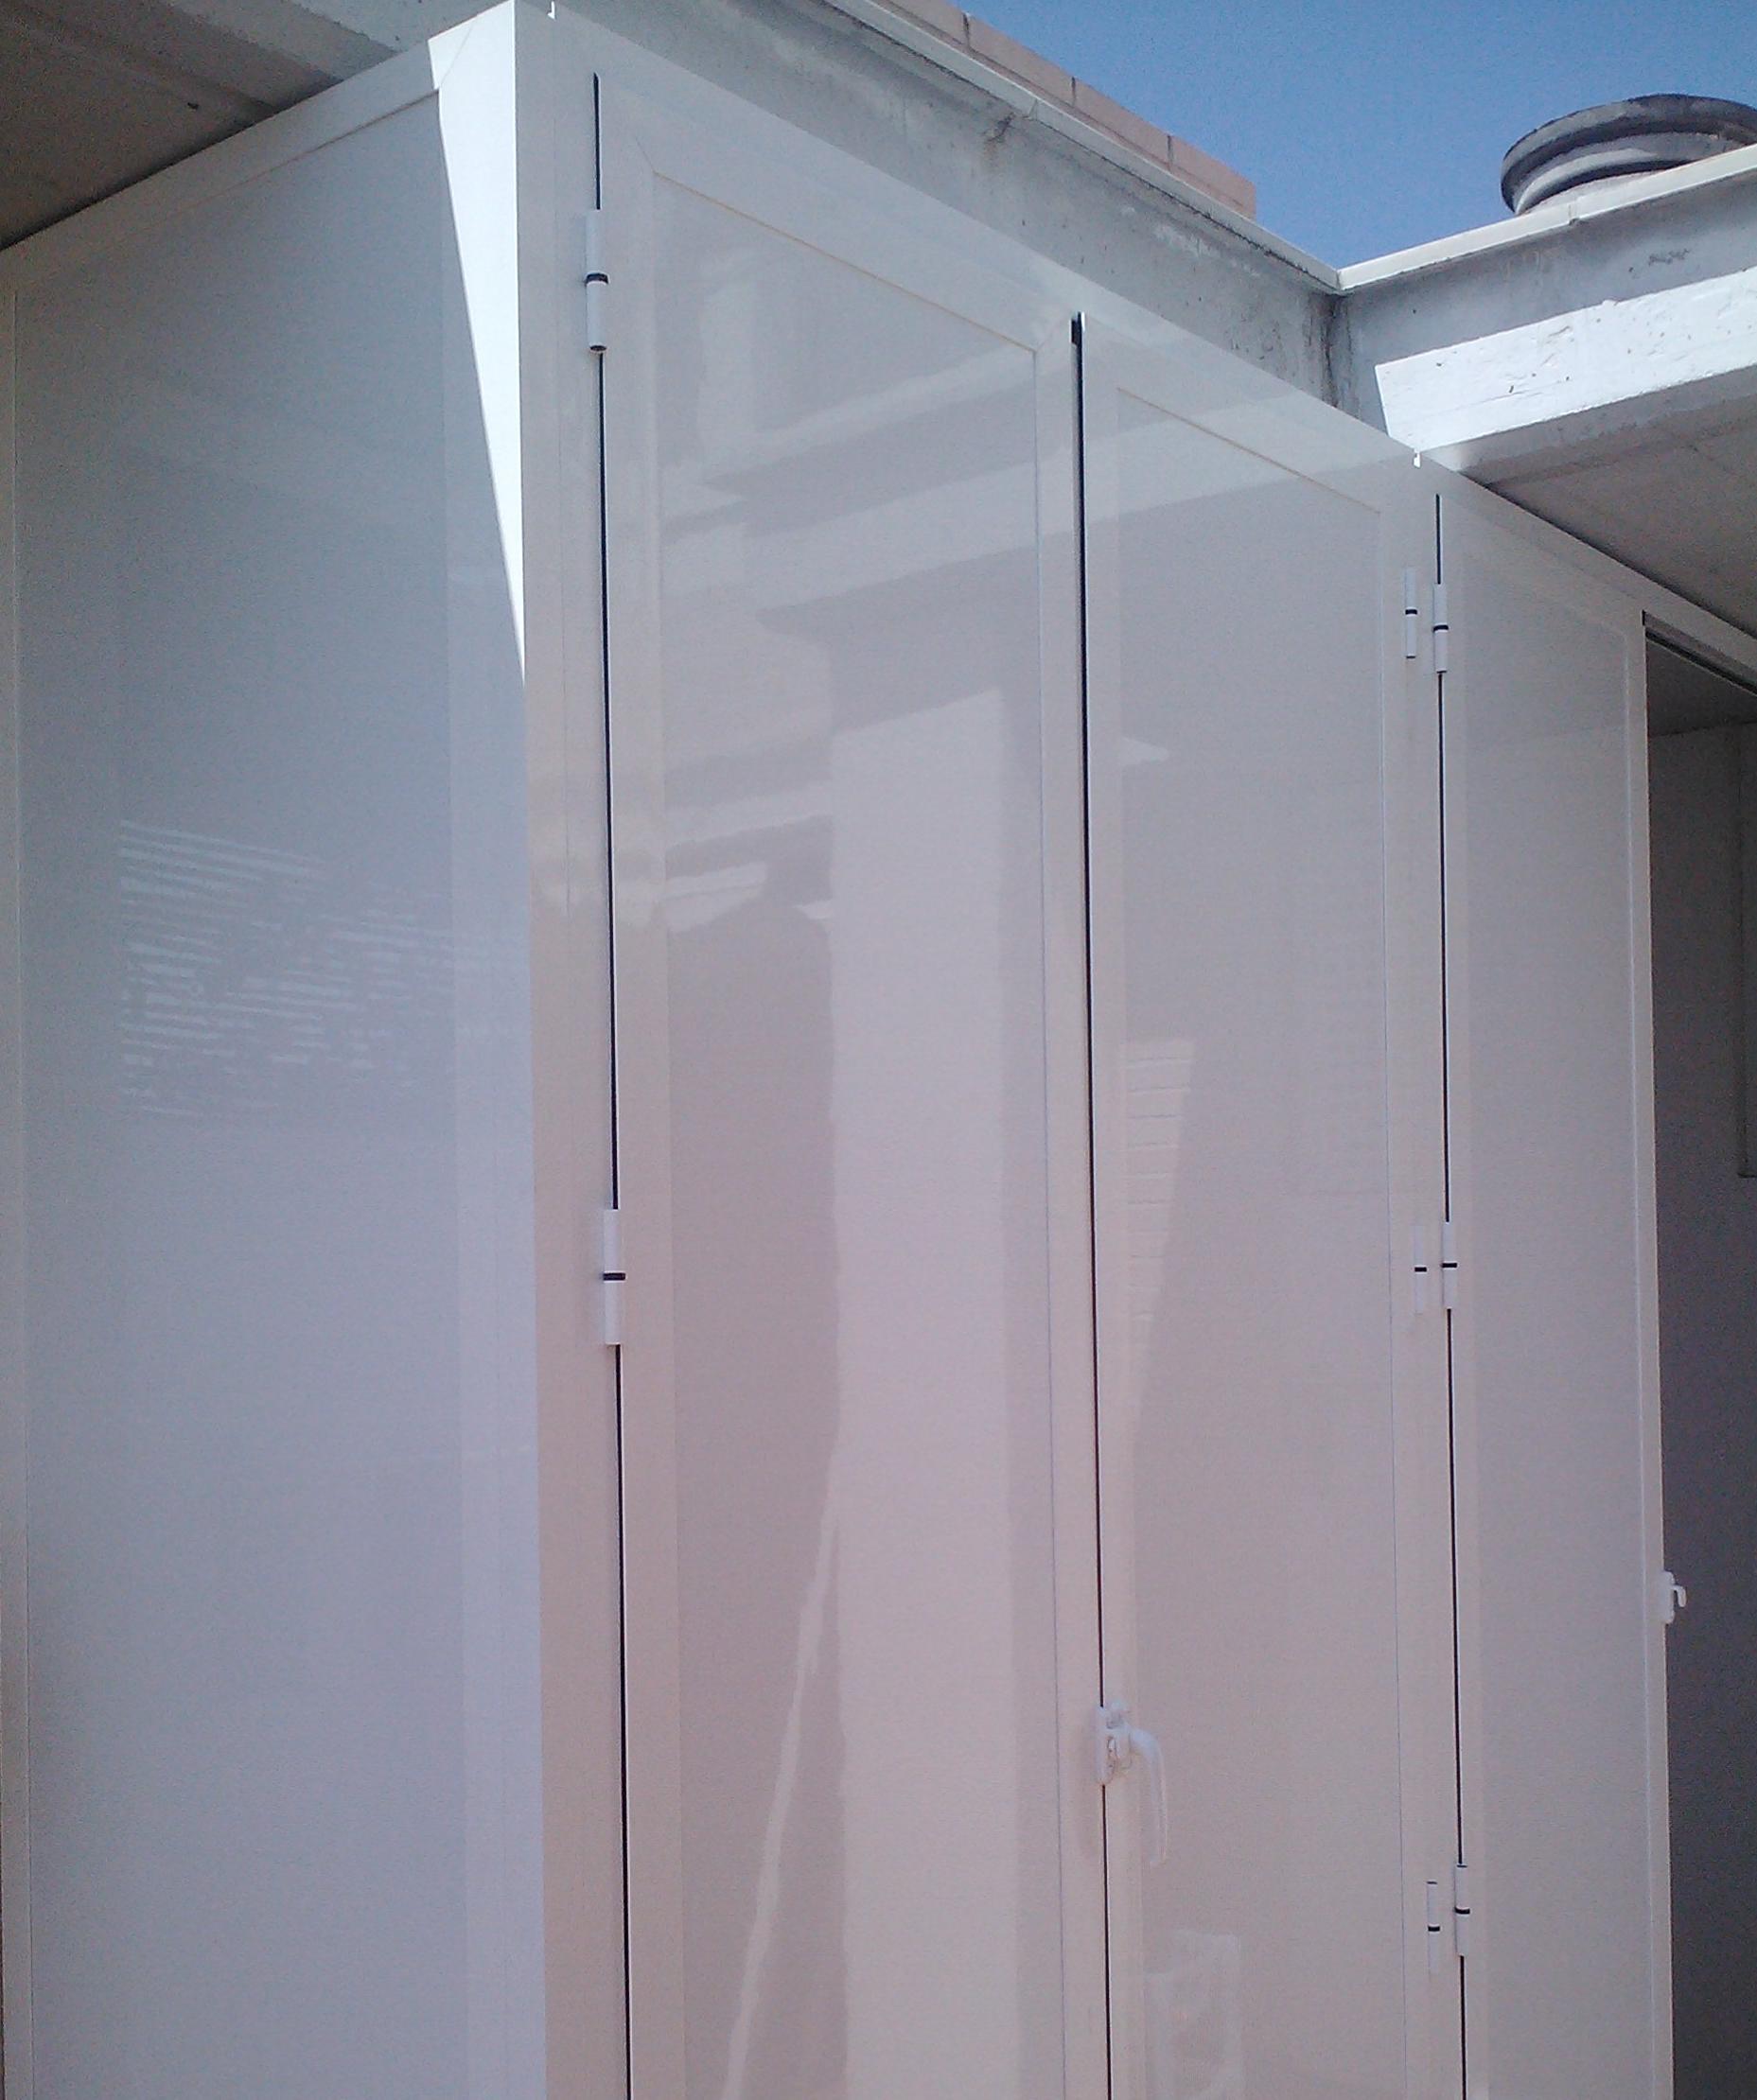 Armario aluminio exterior servicios de persianas y toldos - Persianas para armarios ...